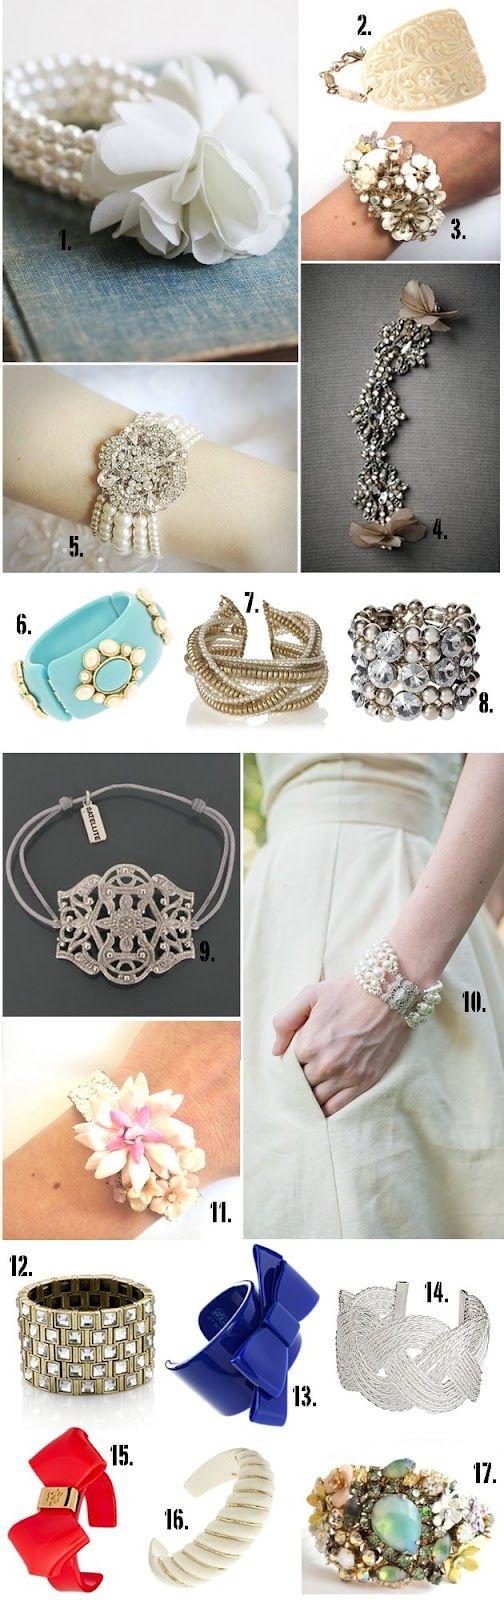 Trendy Wedding, blog idées et inspirations mariage ♥ French Wedding Blog: Juste un beau bracelet : sélection de 18 manchettes pour la mariée...